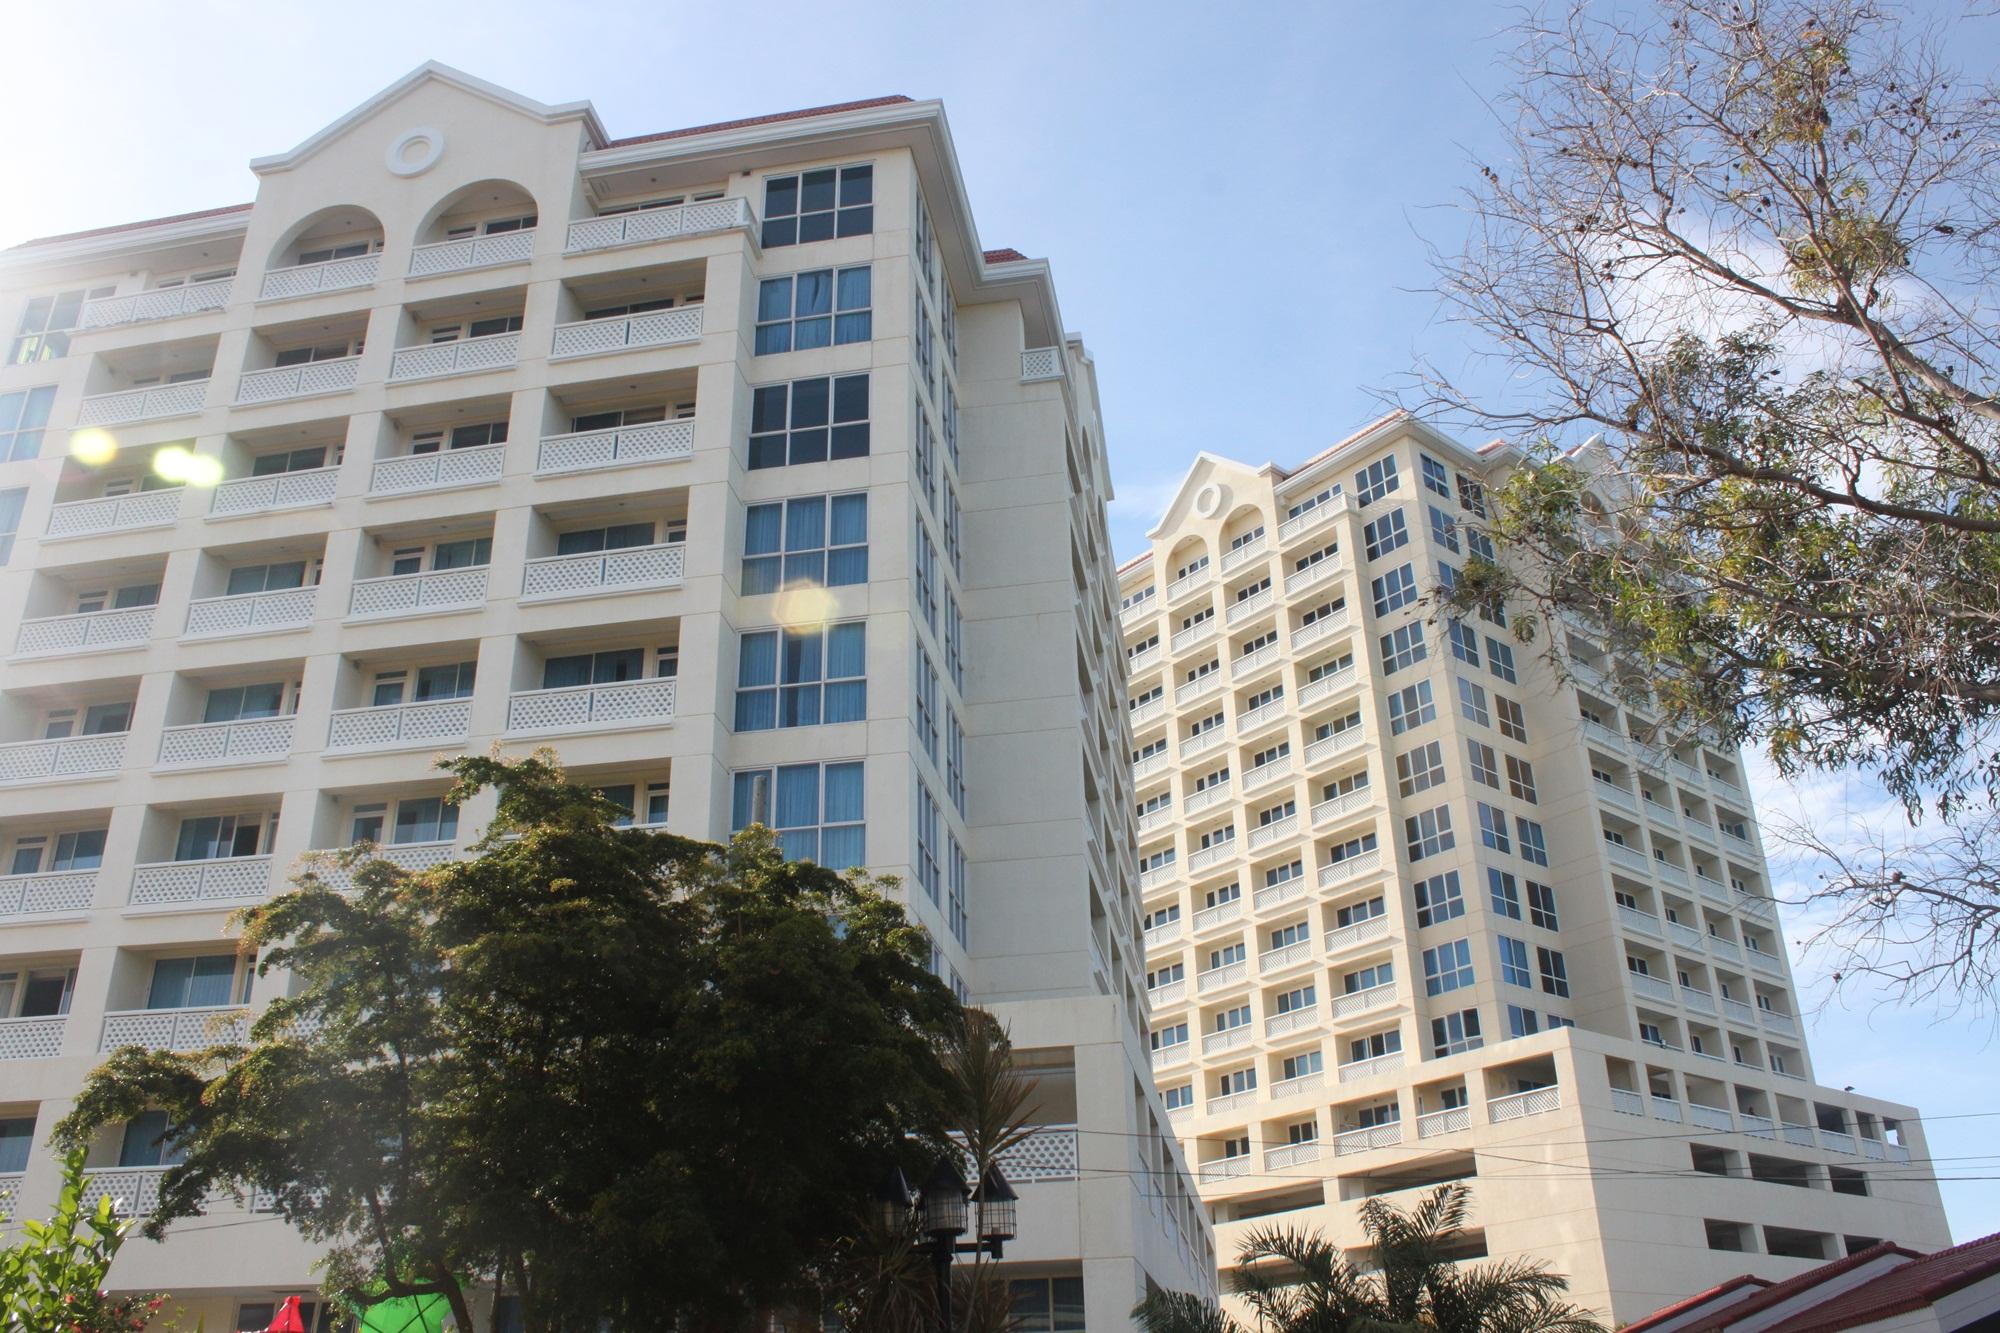 La Mirada Condominium